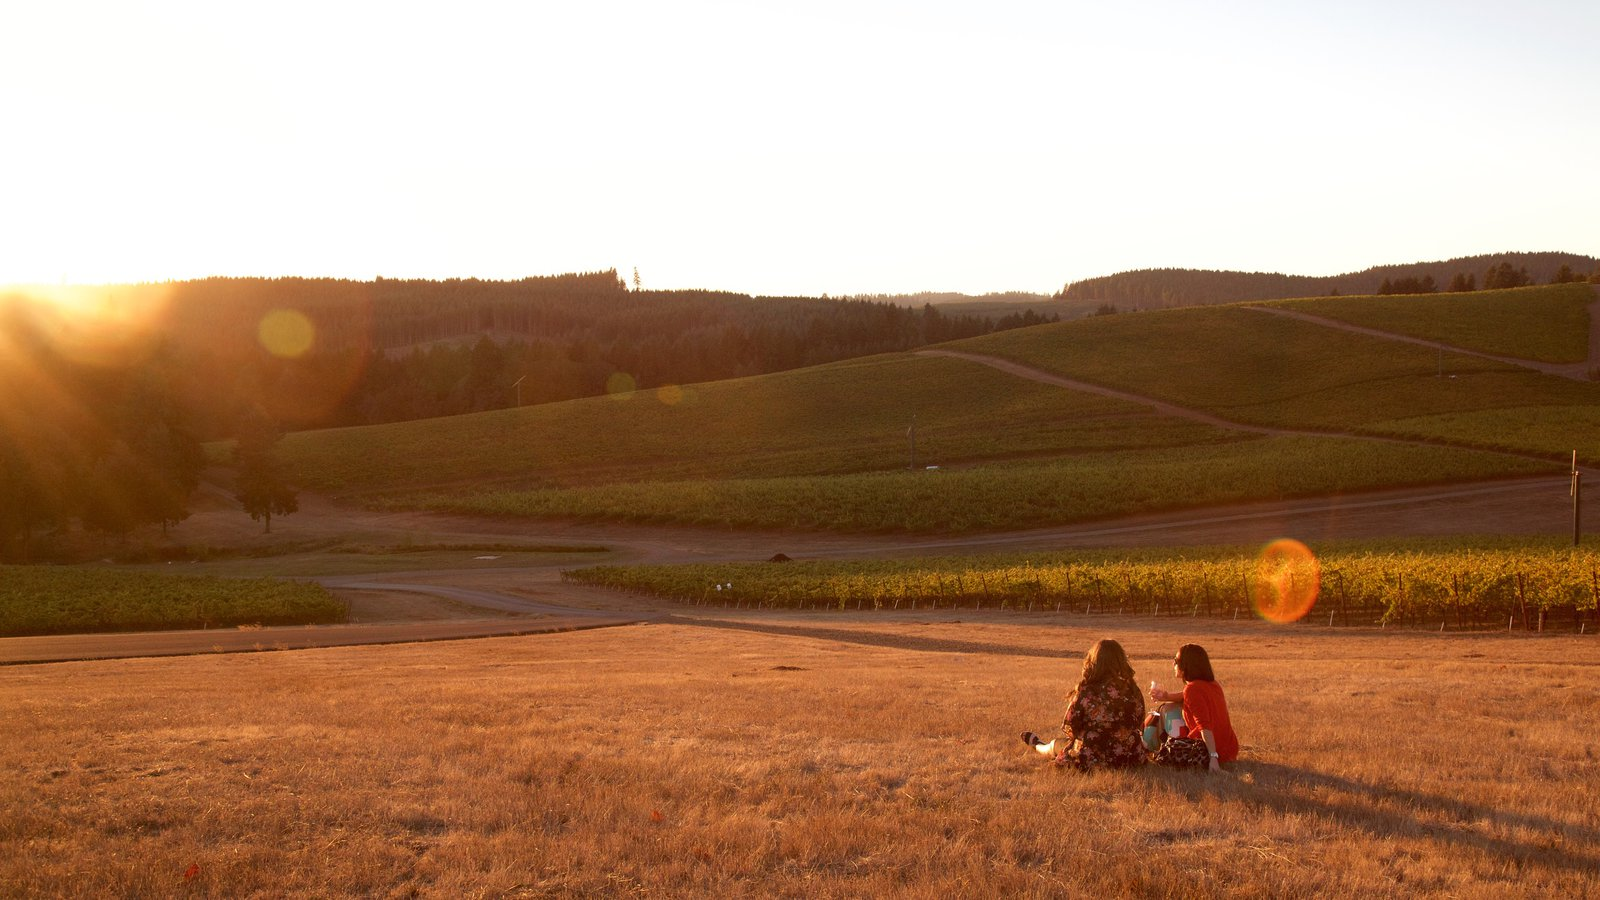 King Estate que incluye una puesta de sol y tierras de cultivo y también un pequeño grupo de personas